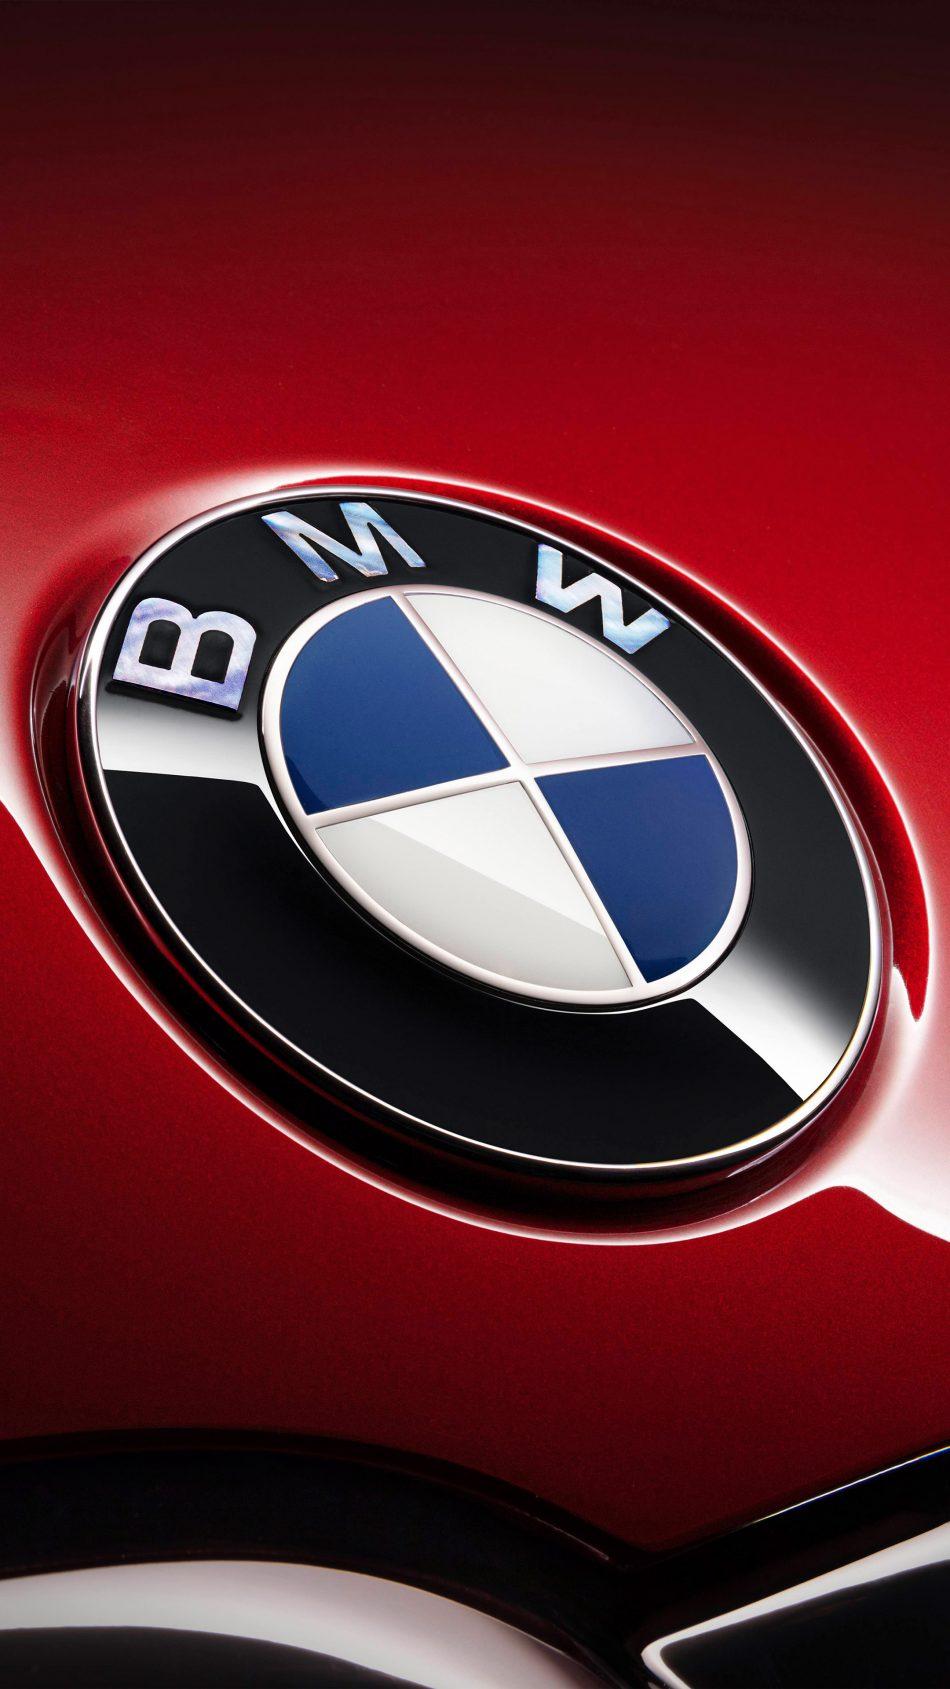 Bmw 7 Series Logo 4k Ultra Hd Mobile Wallpaper